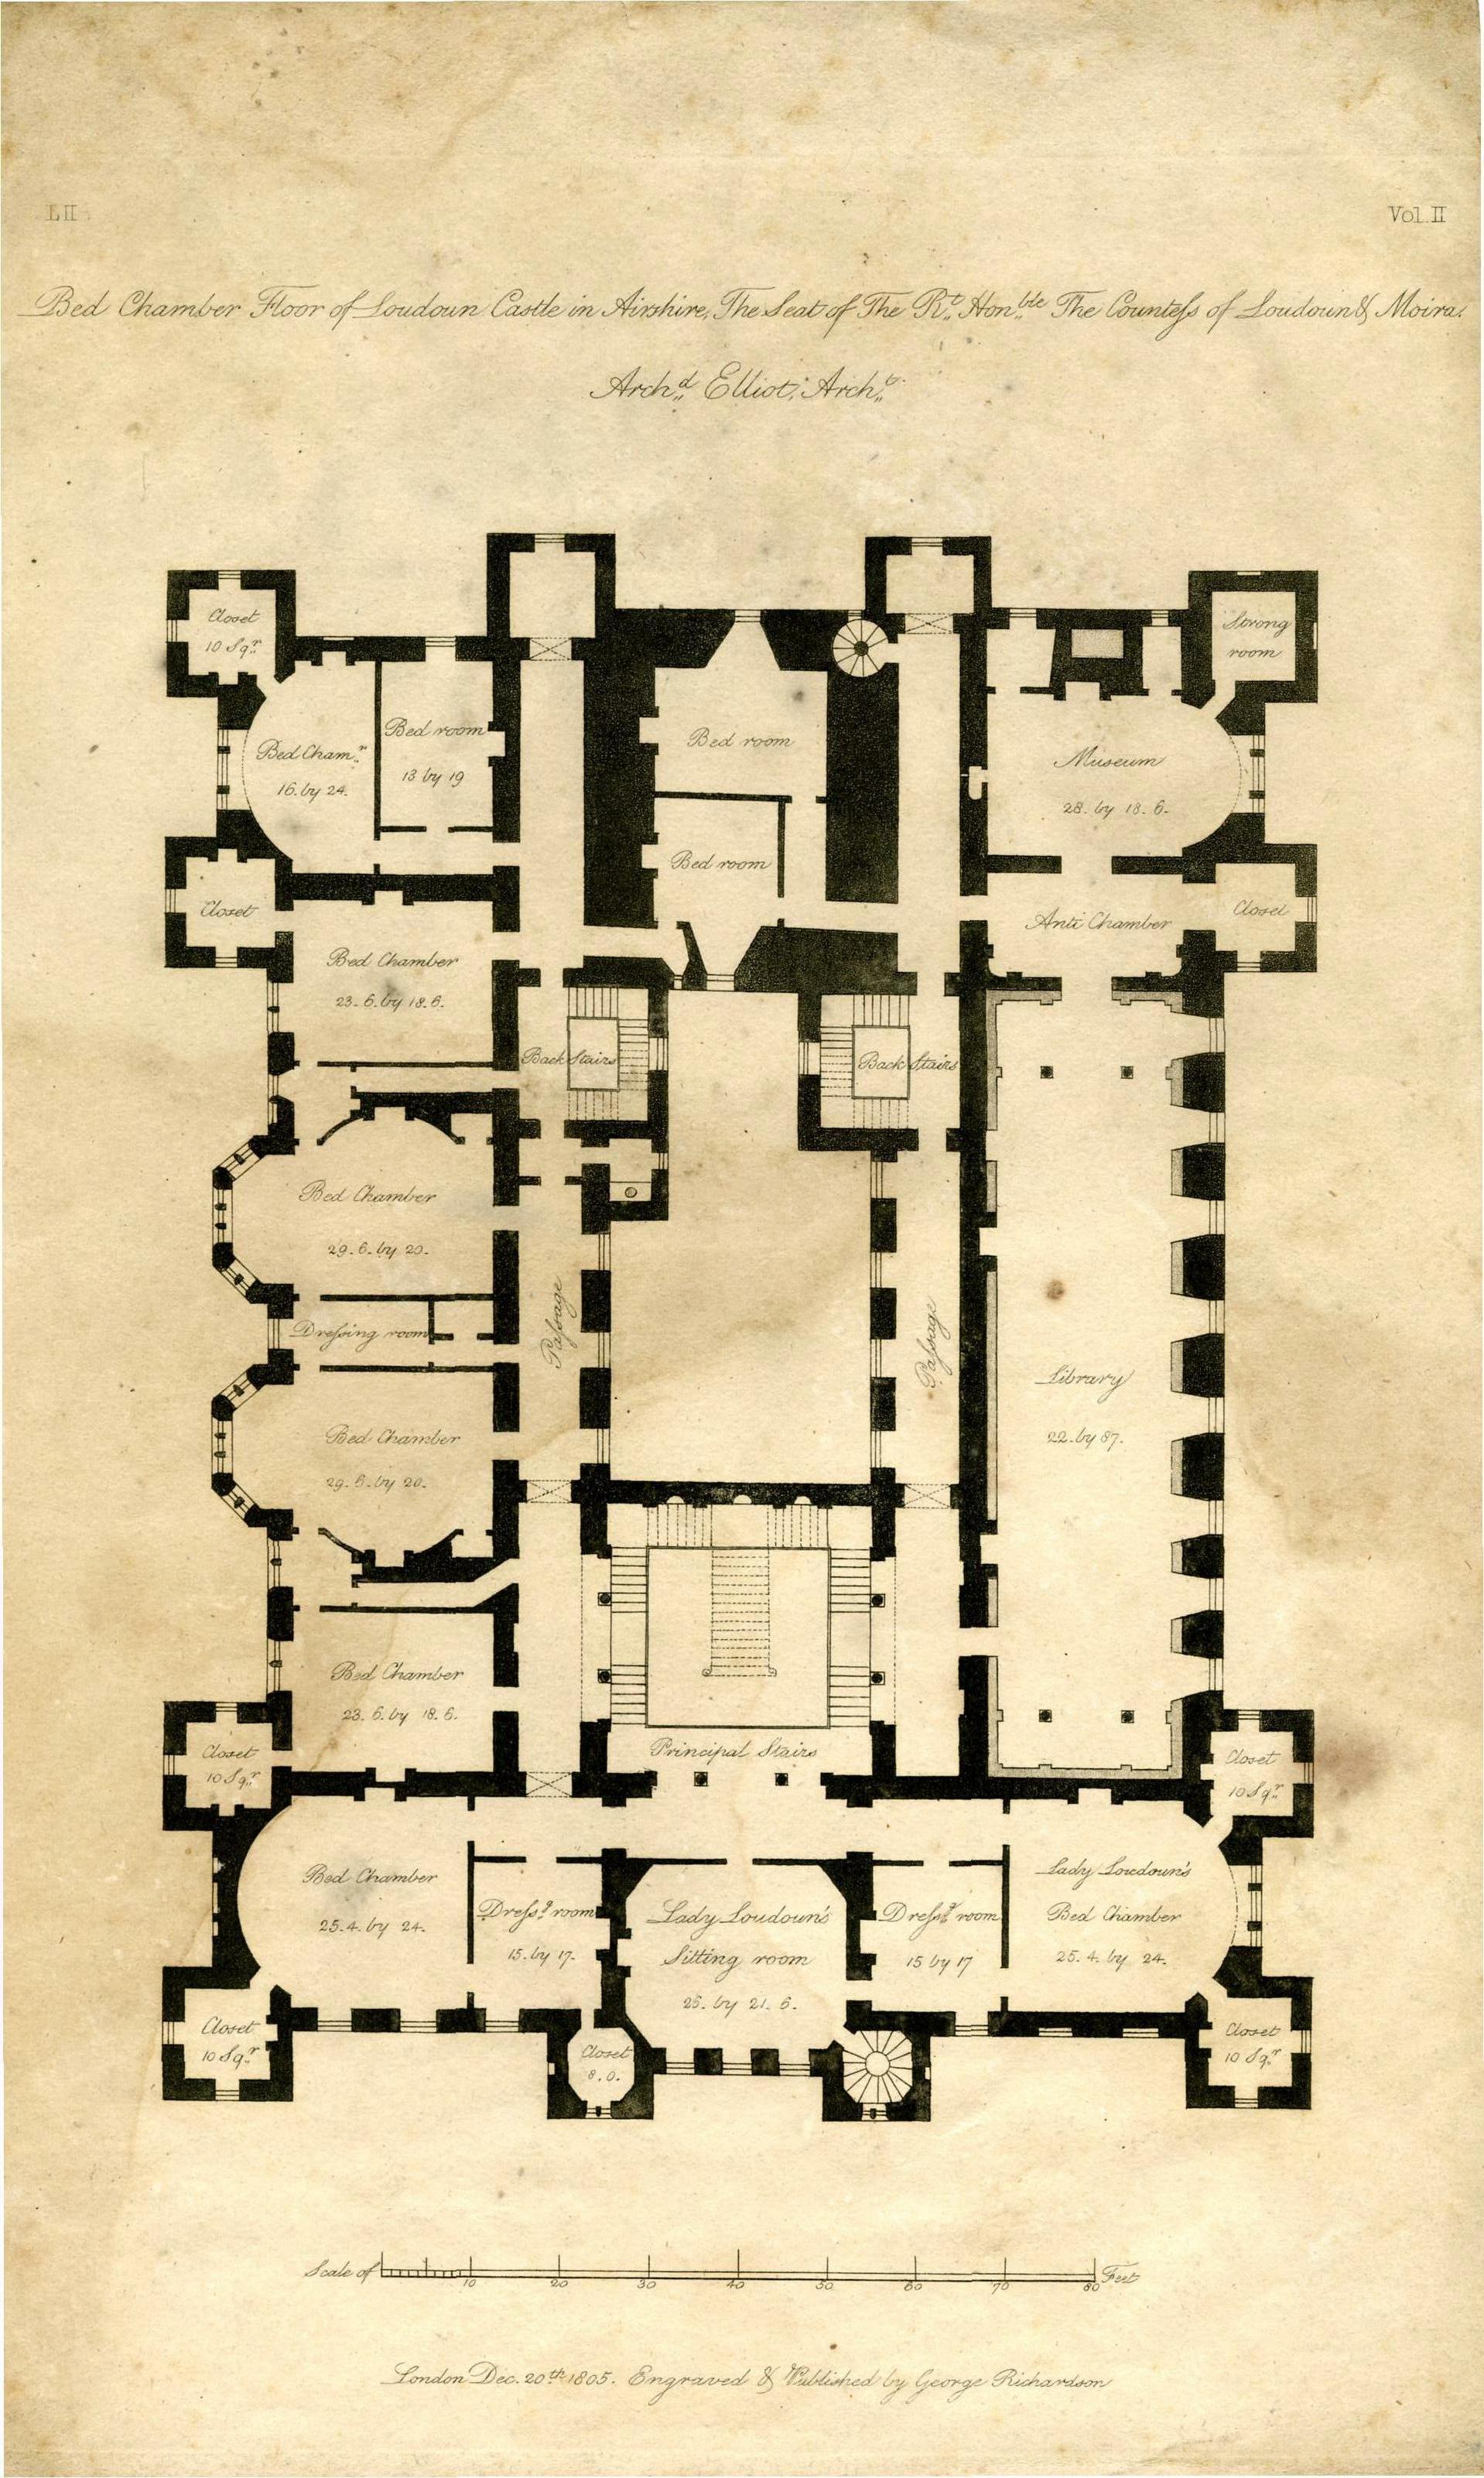 Architect S Plan Of Loudoun Castle 1805